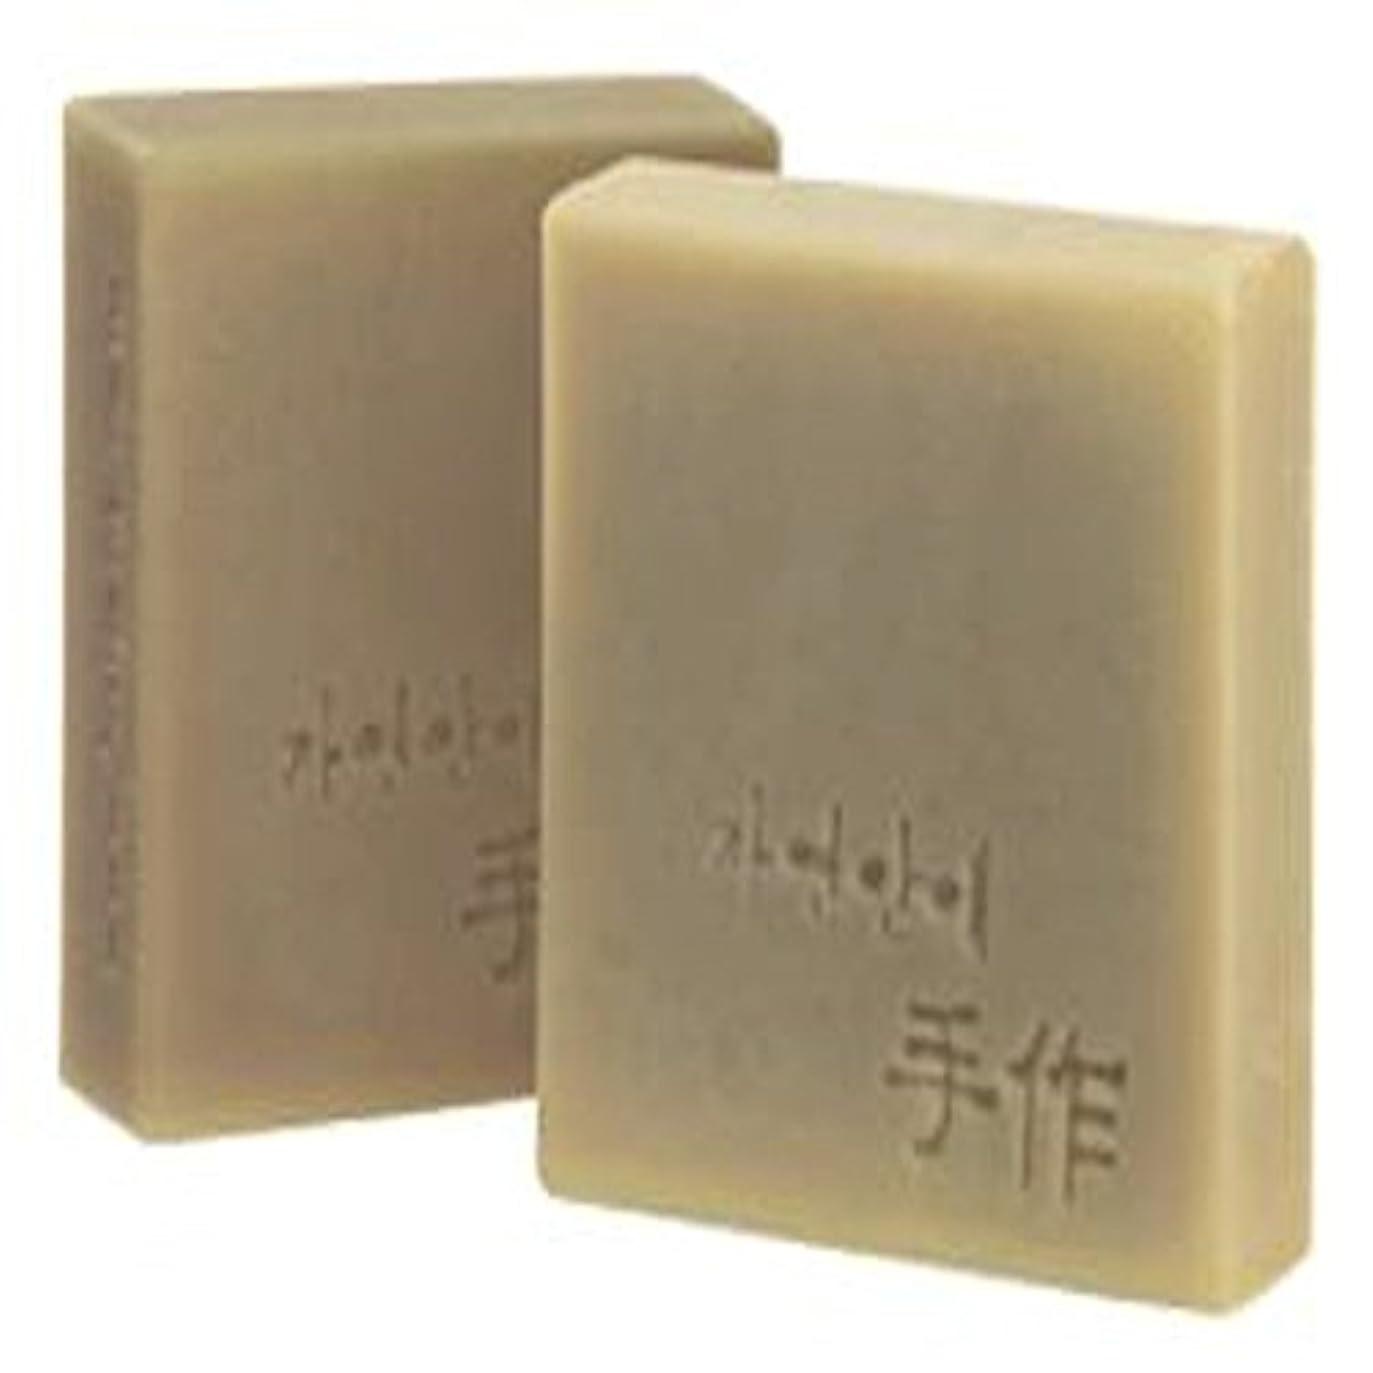 割り当てますさせるサイバースペースNatural organic 有機天然ソープ 固形 無添加 洗顔せっけん [並行輸入品] (SousAre)